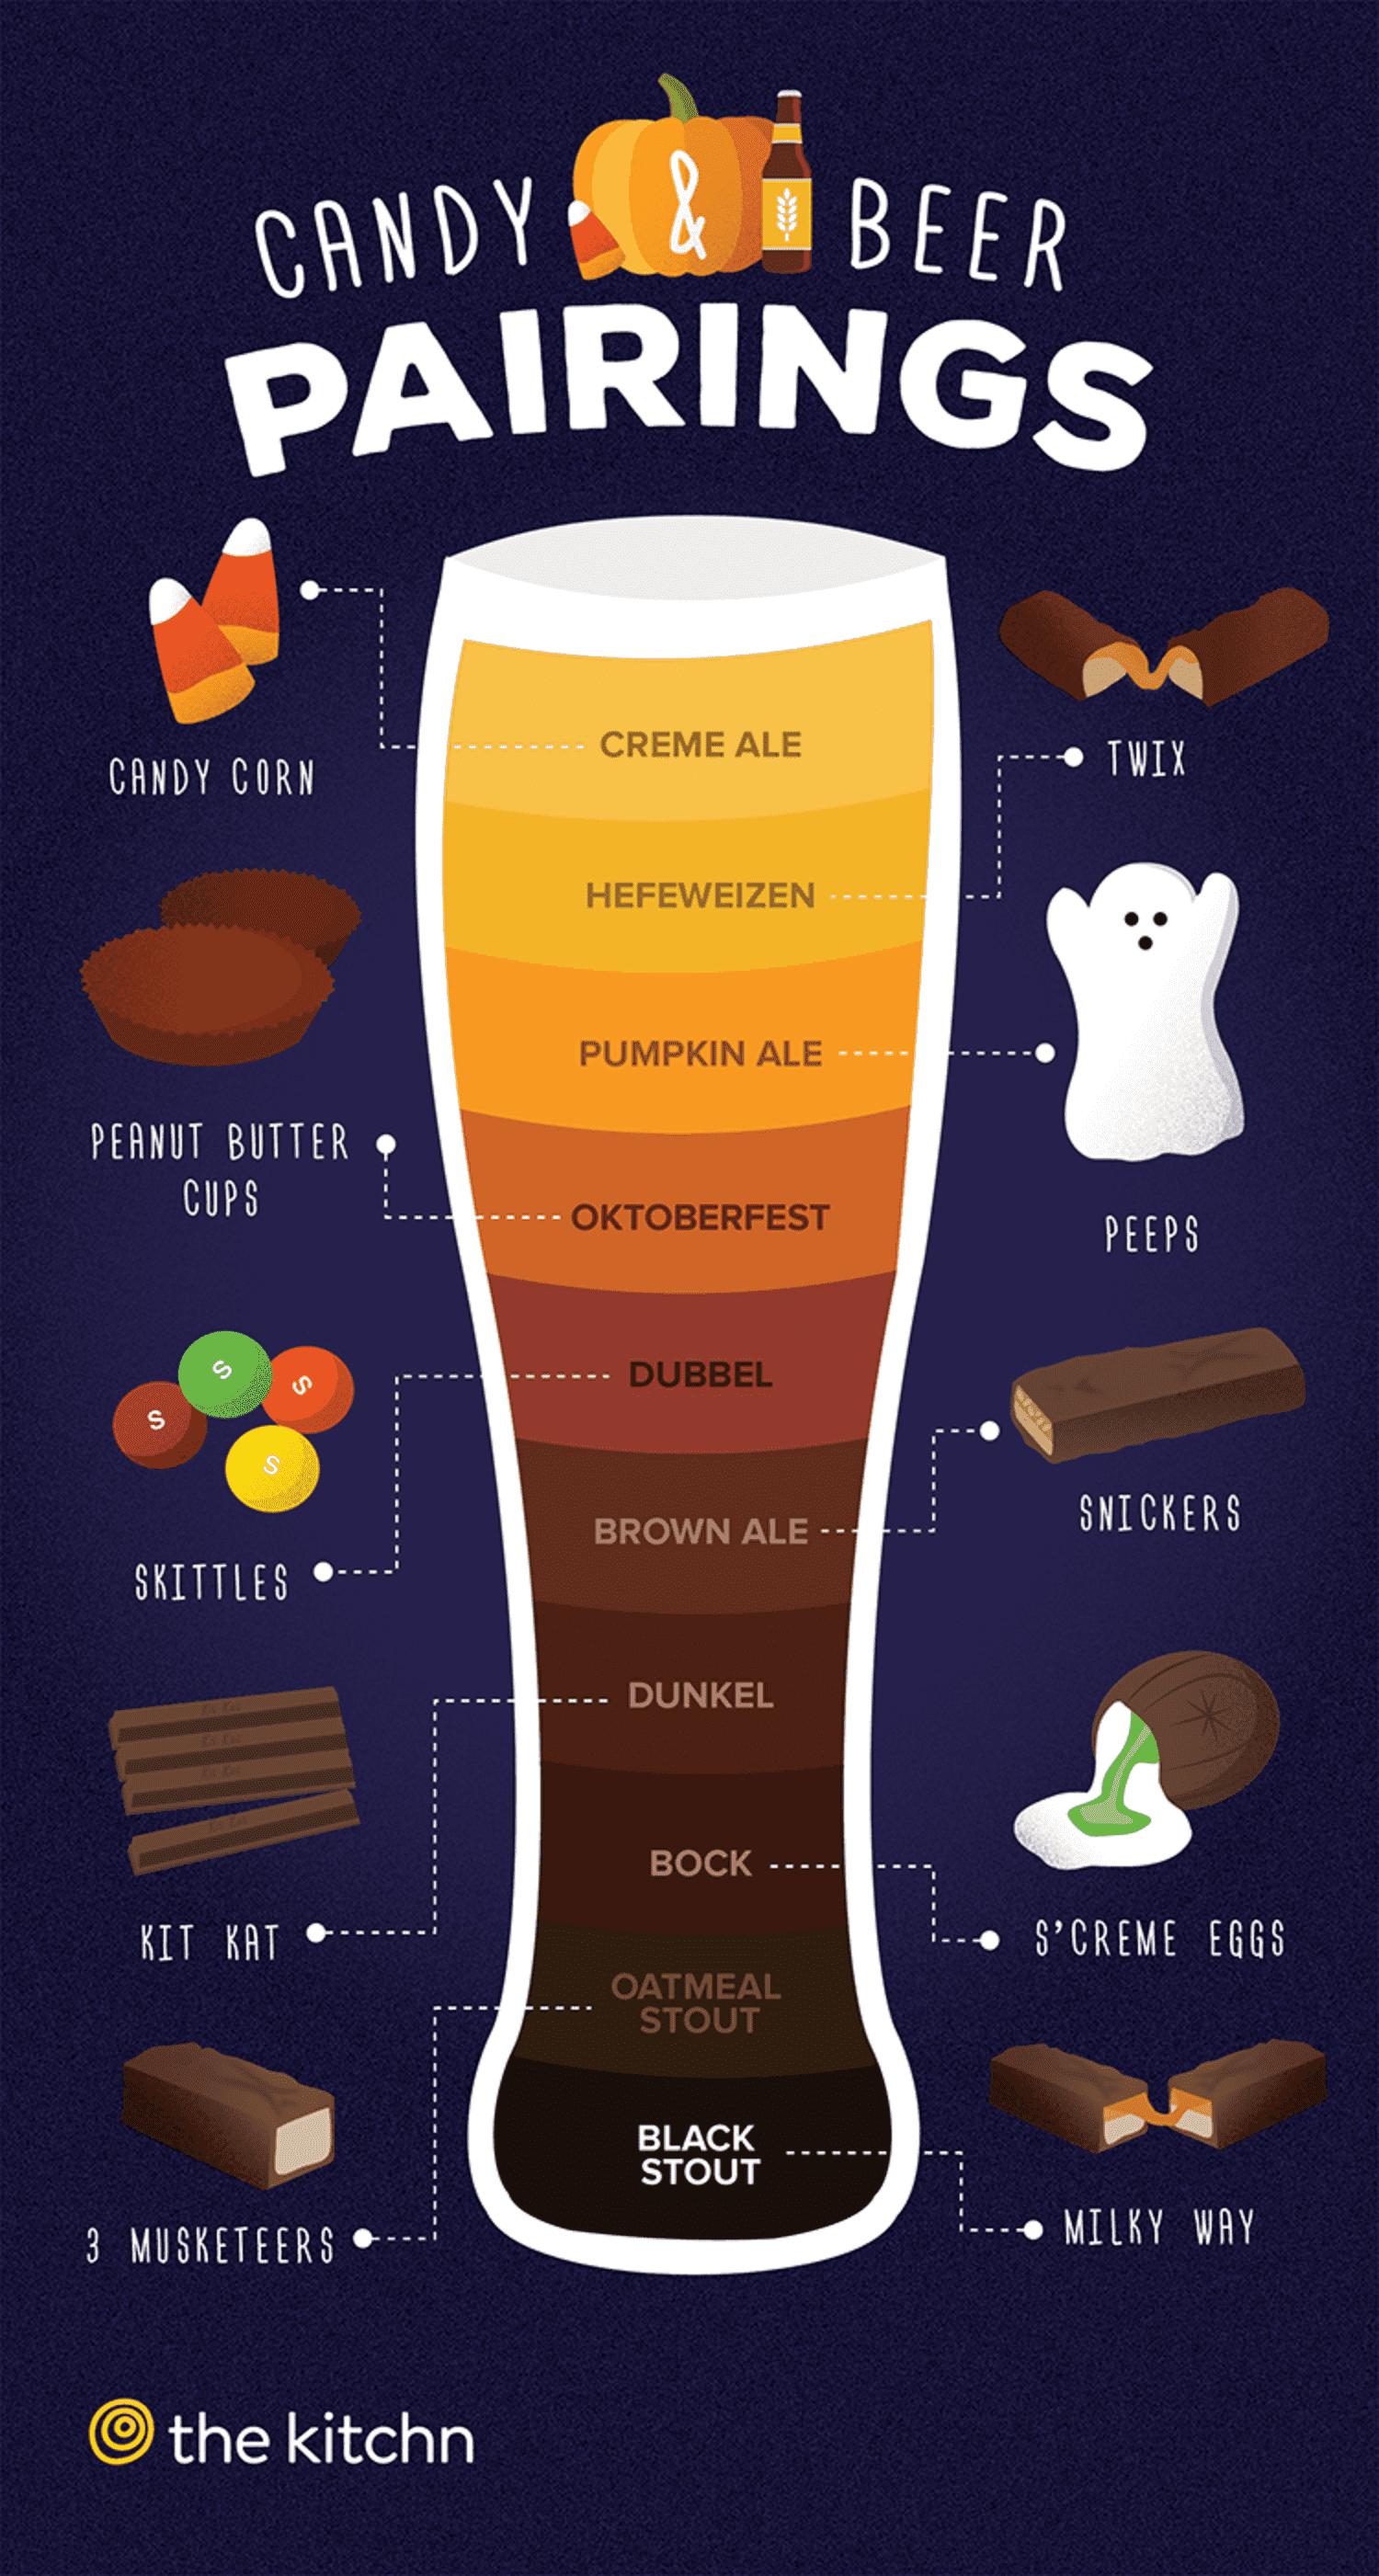 Candy & Beer Pairings